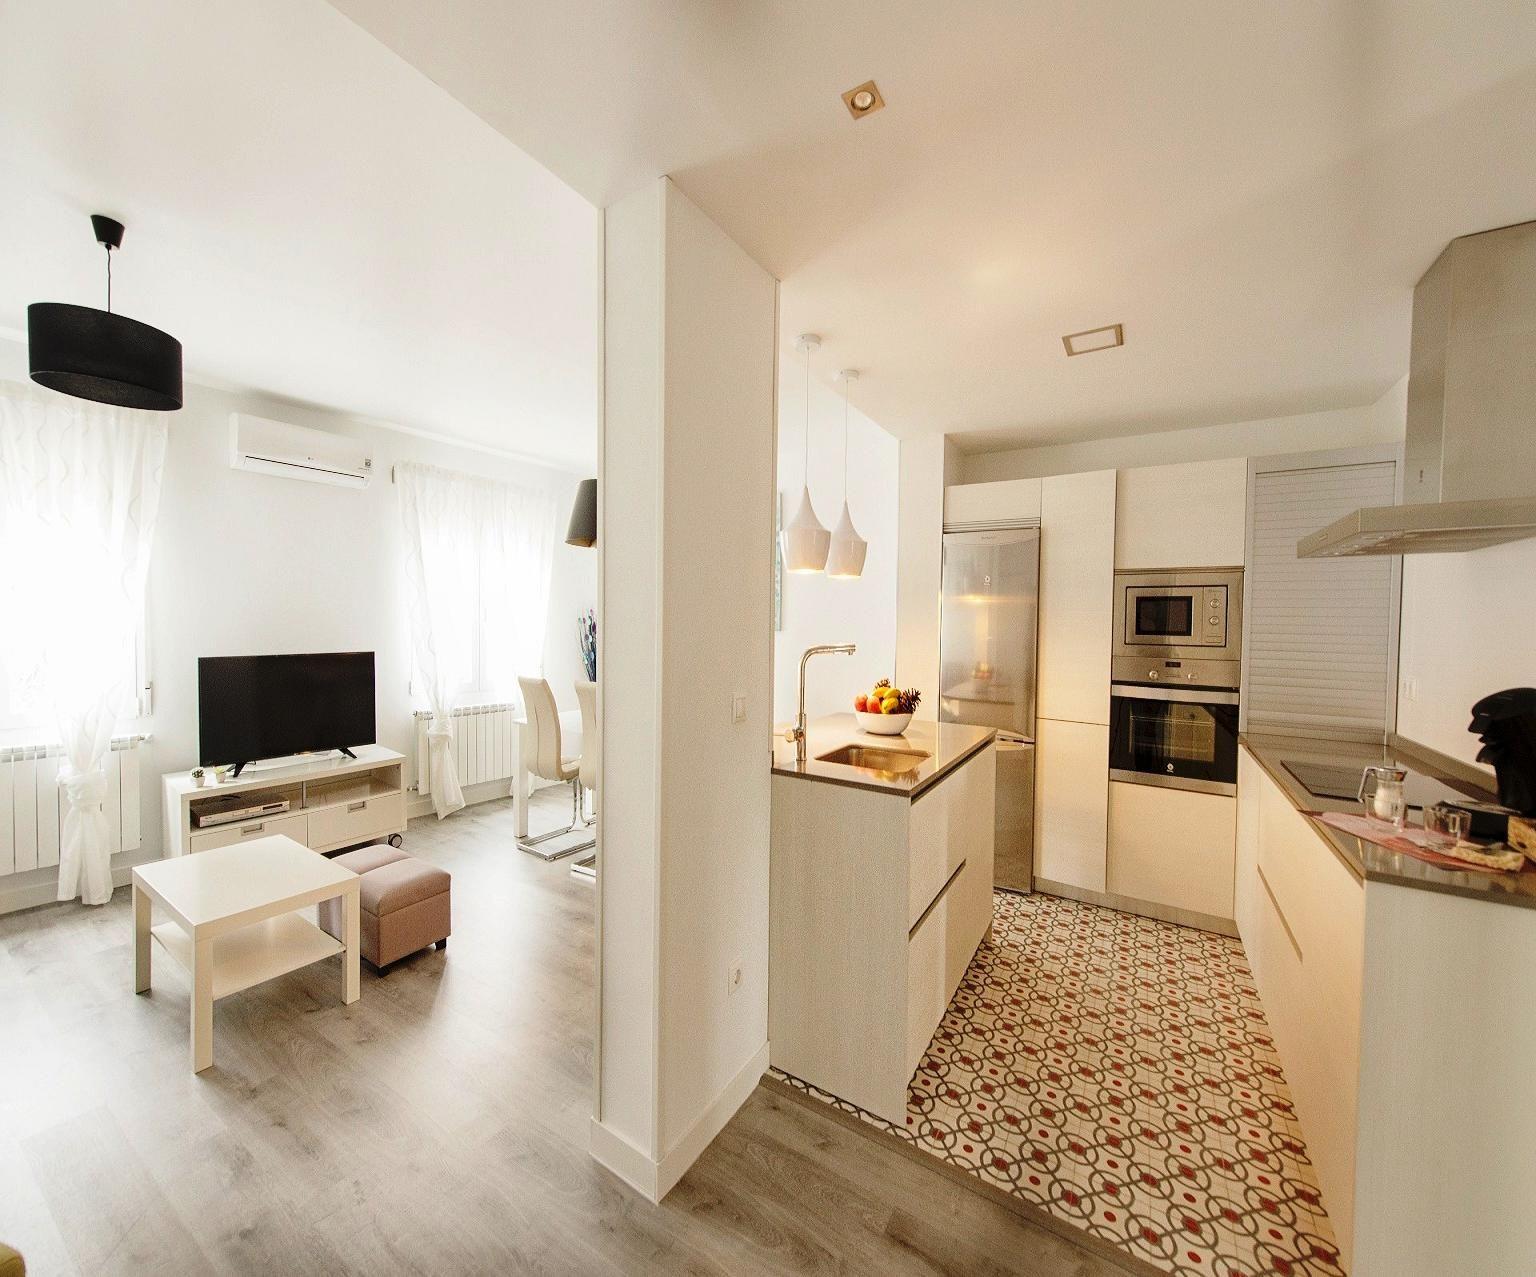 Este espacio de suelo hidr ulico en cocina combina muy bien con el parquet suelo hidr ulico - Cocinas con parquet ...